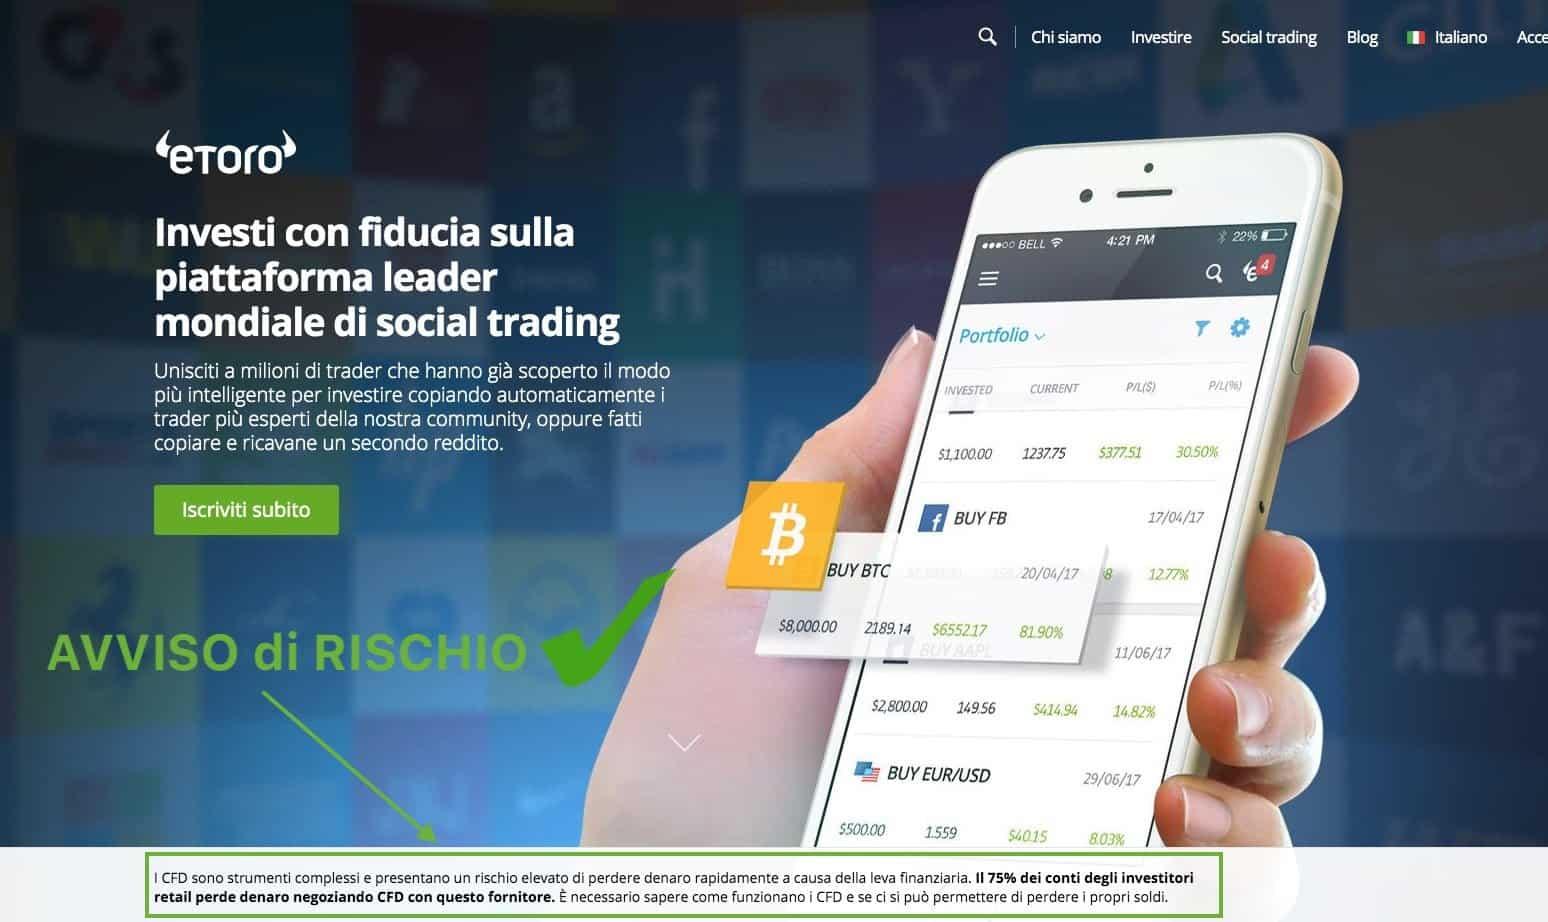 eToro Sito Trading Affidabile